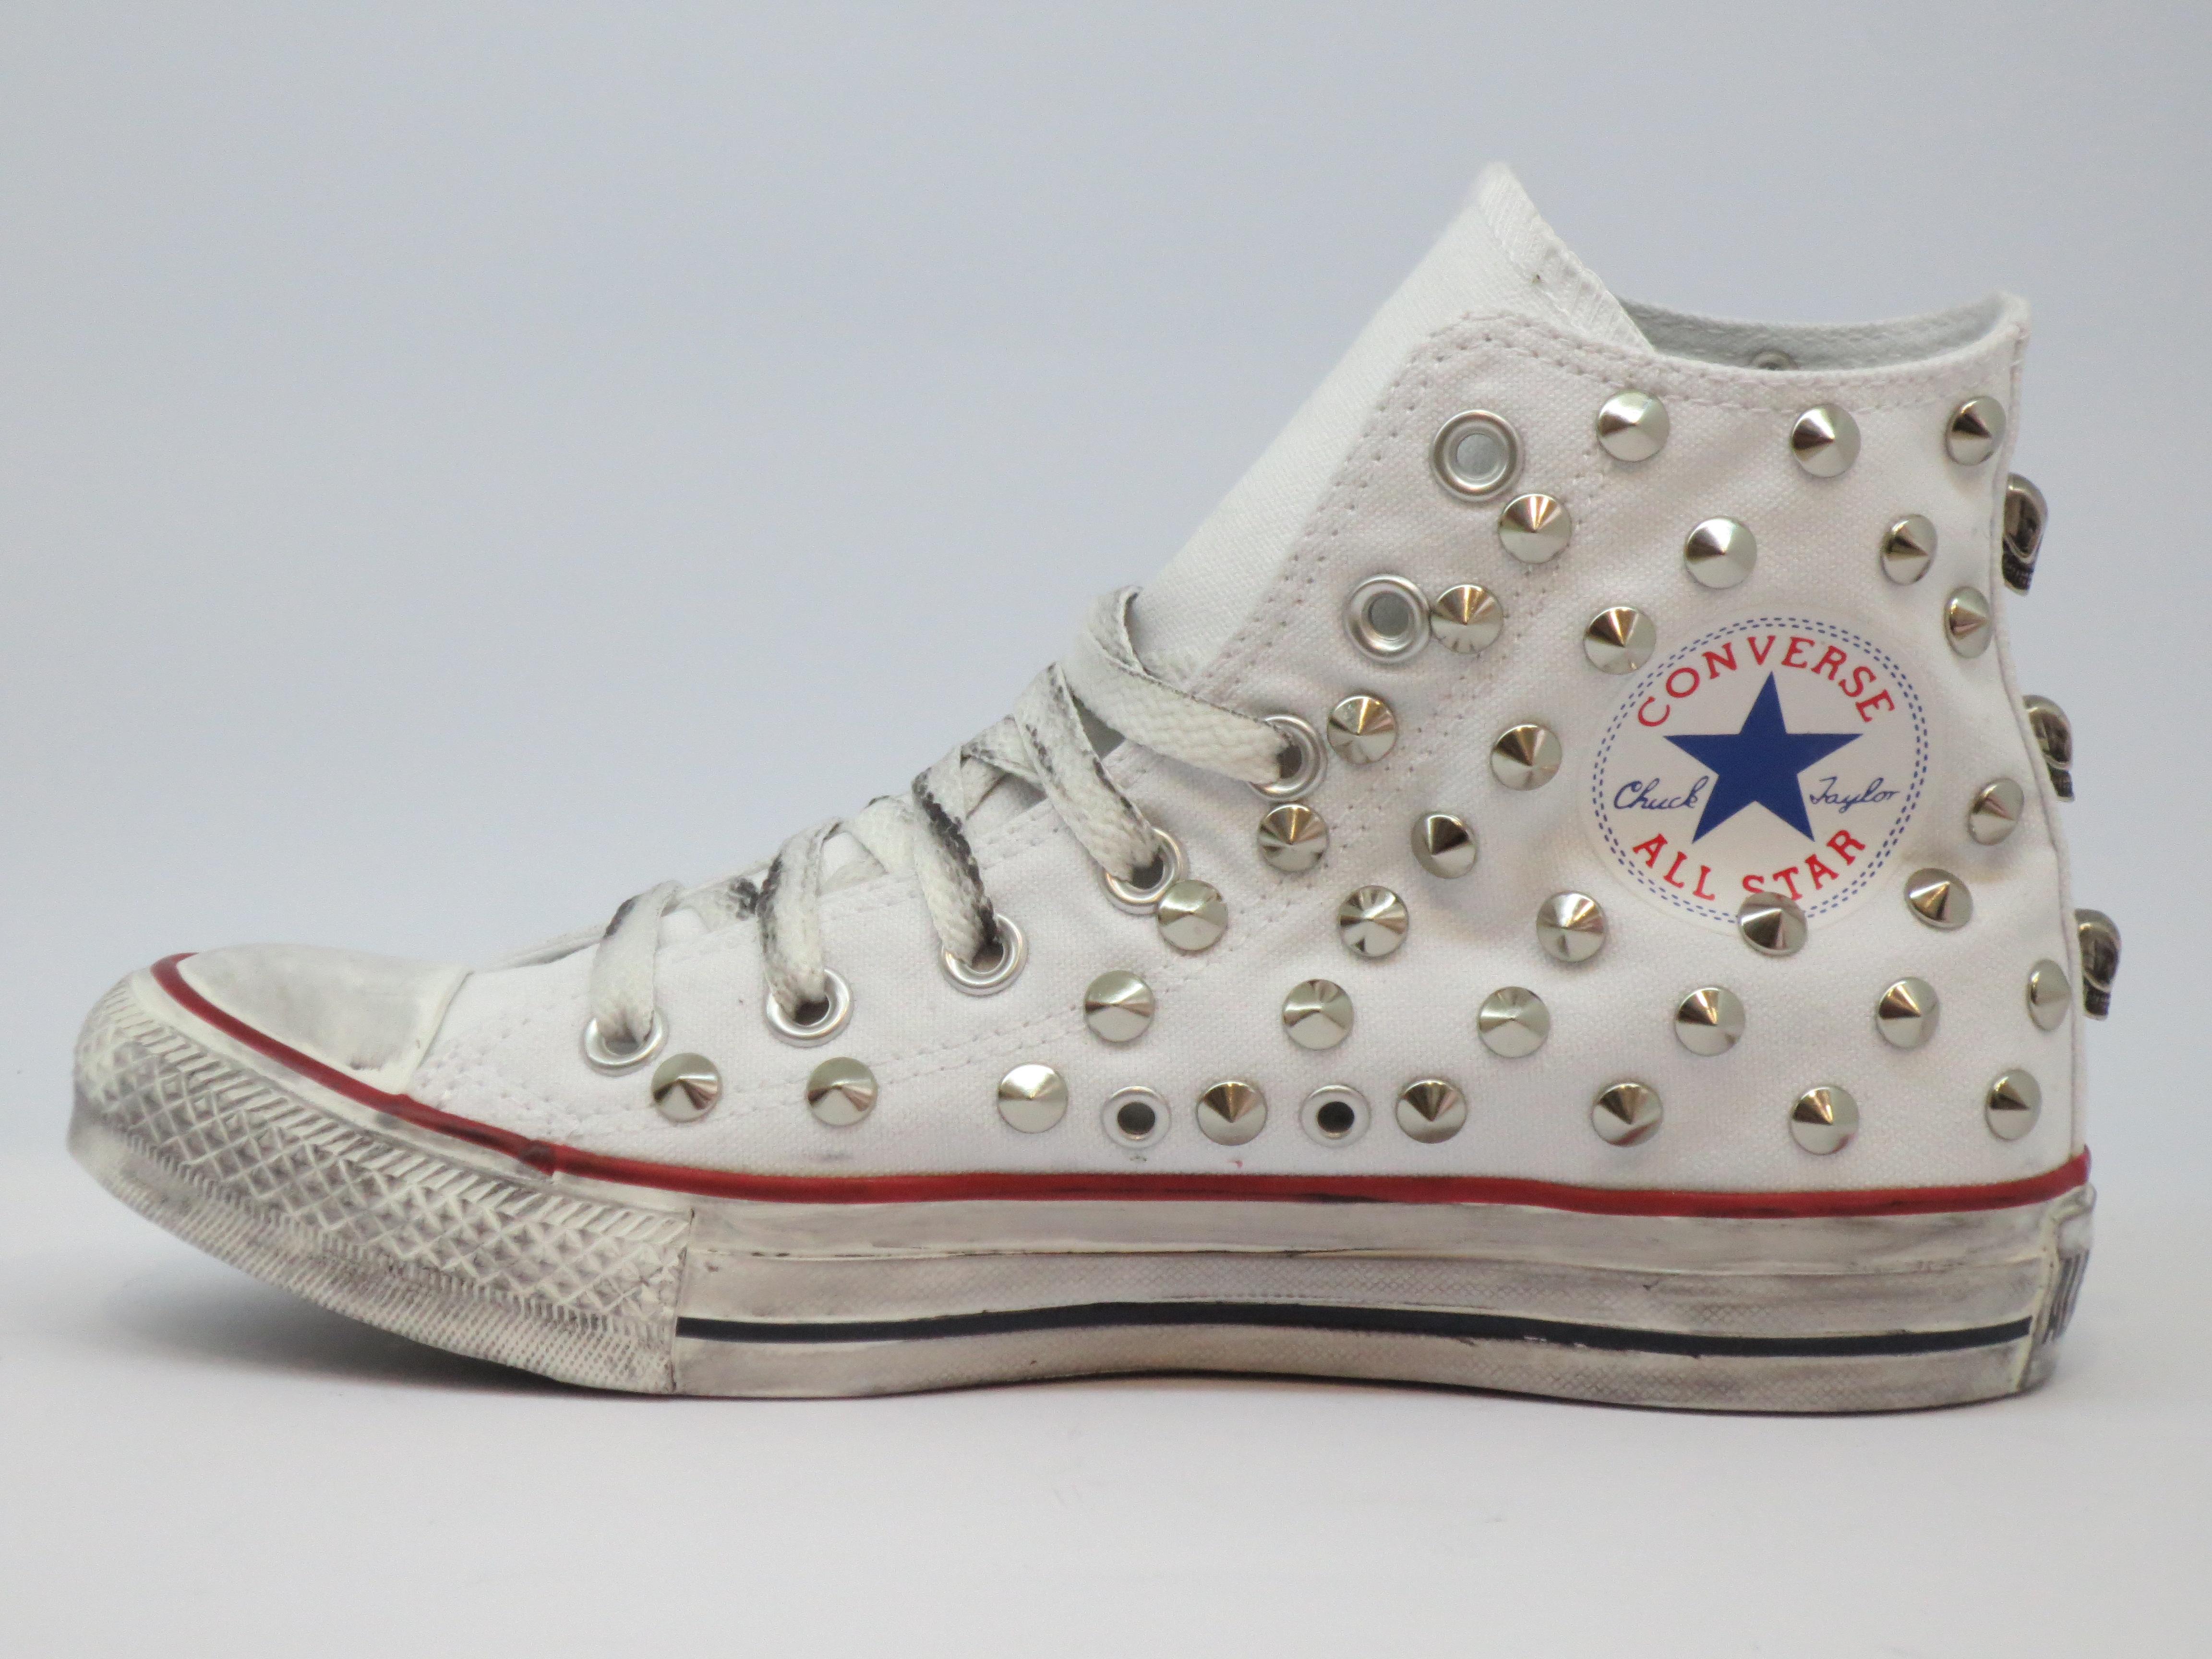 Converse All Star 130 Borchie Personalizzate Teschi Bianche